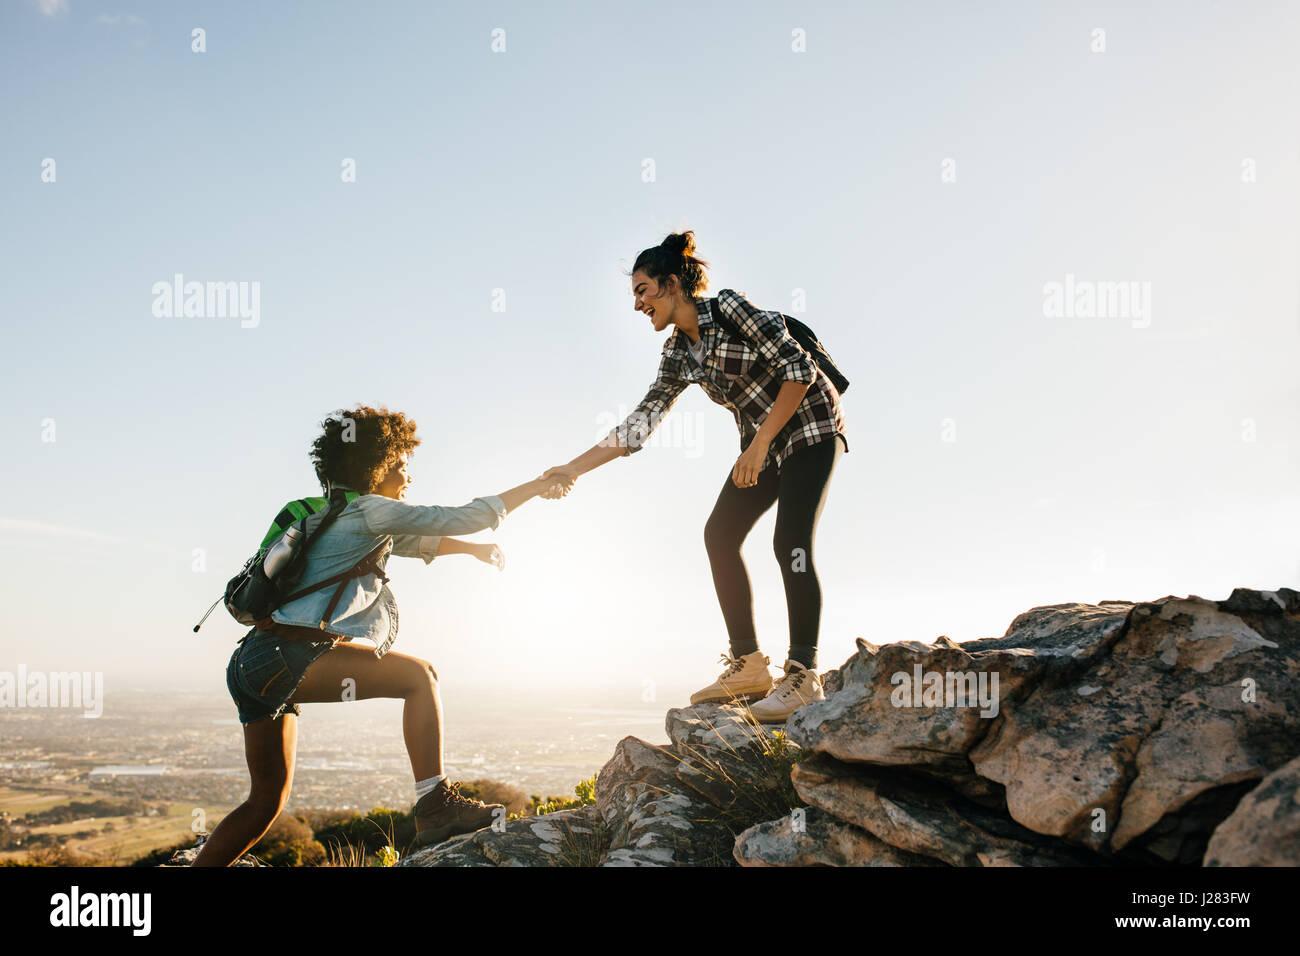 Joven Amigo ayudando a subir la roca. Dos jóvenes mujeres caminatas en la naturaleza. Foto de stock